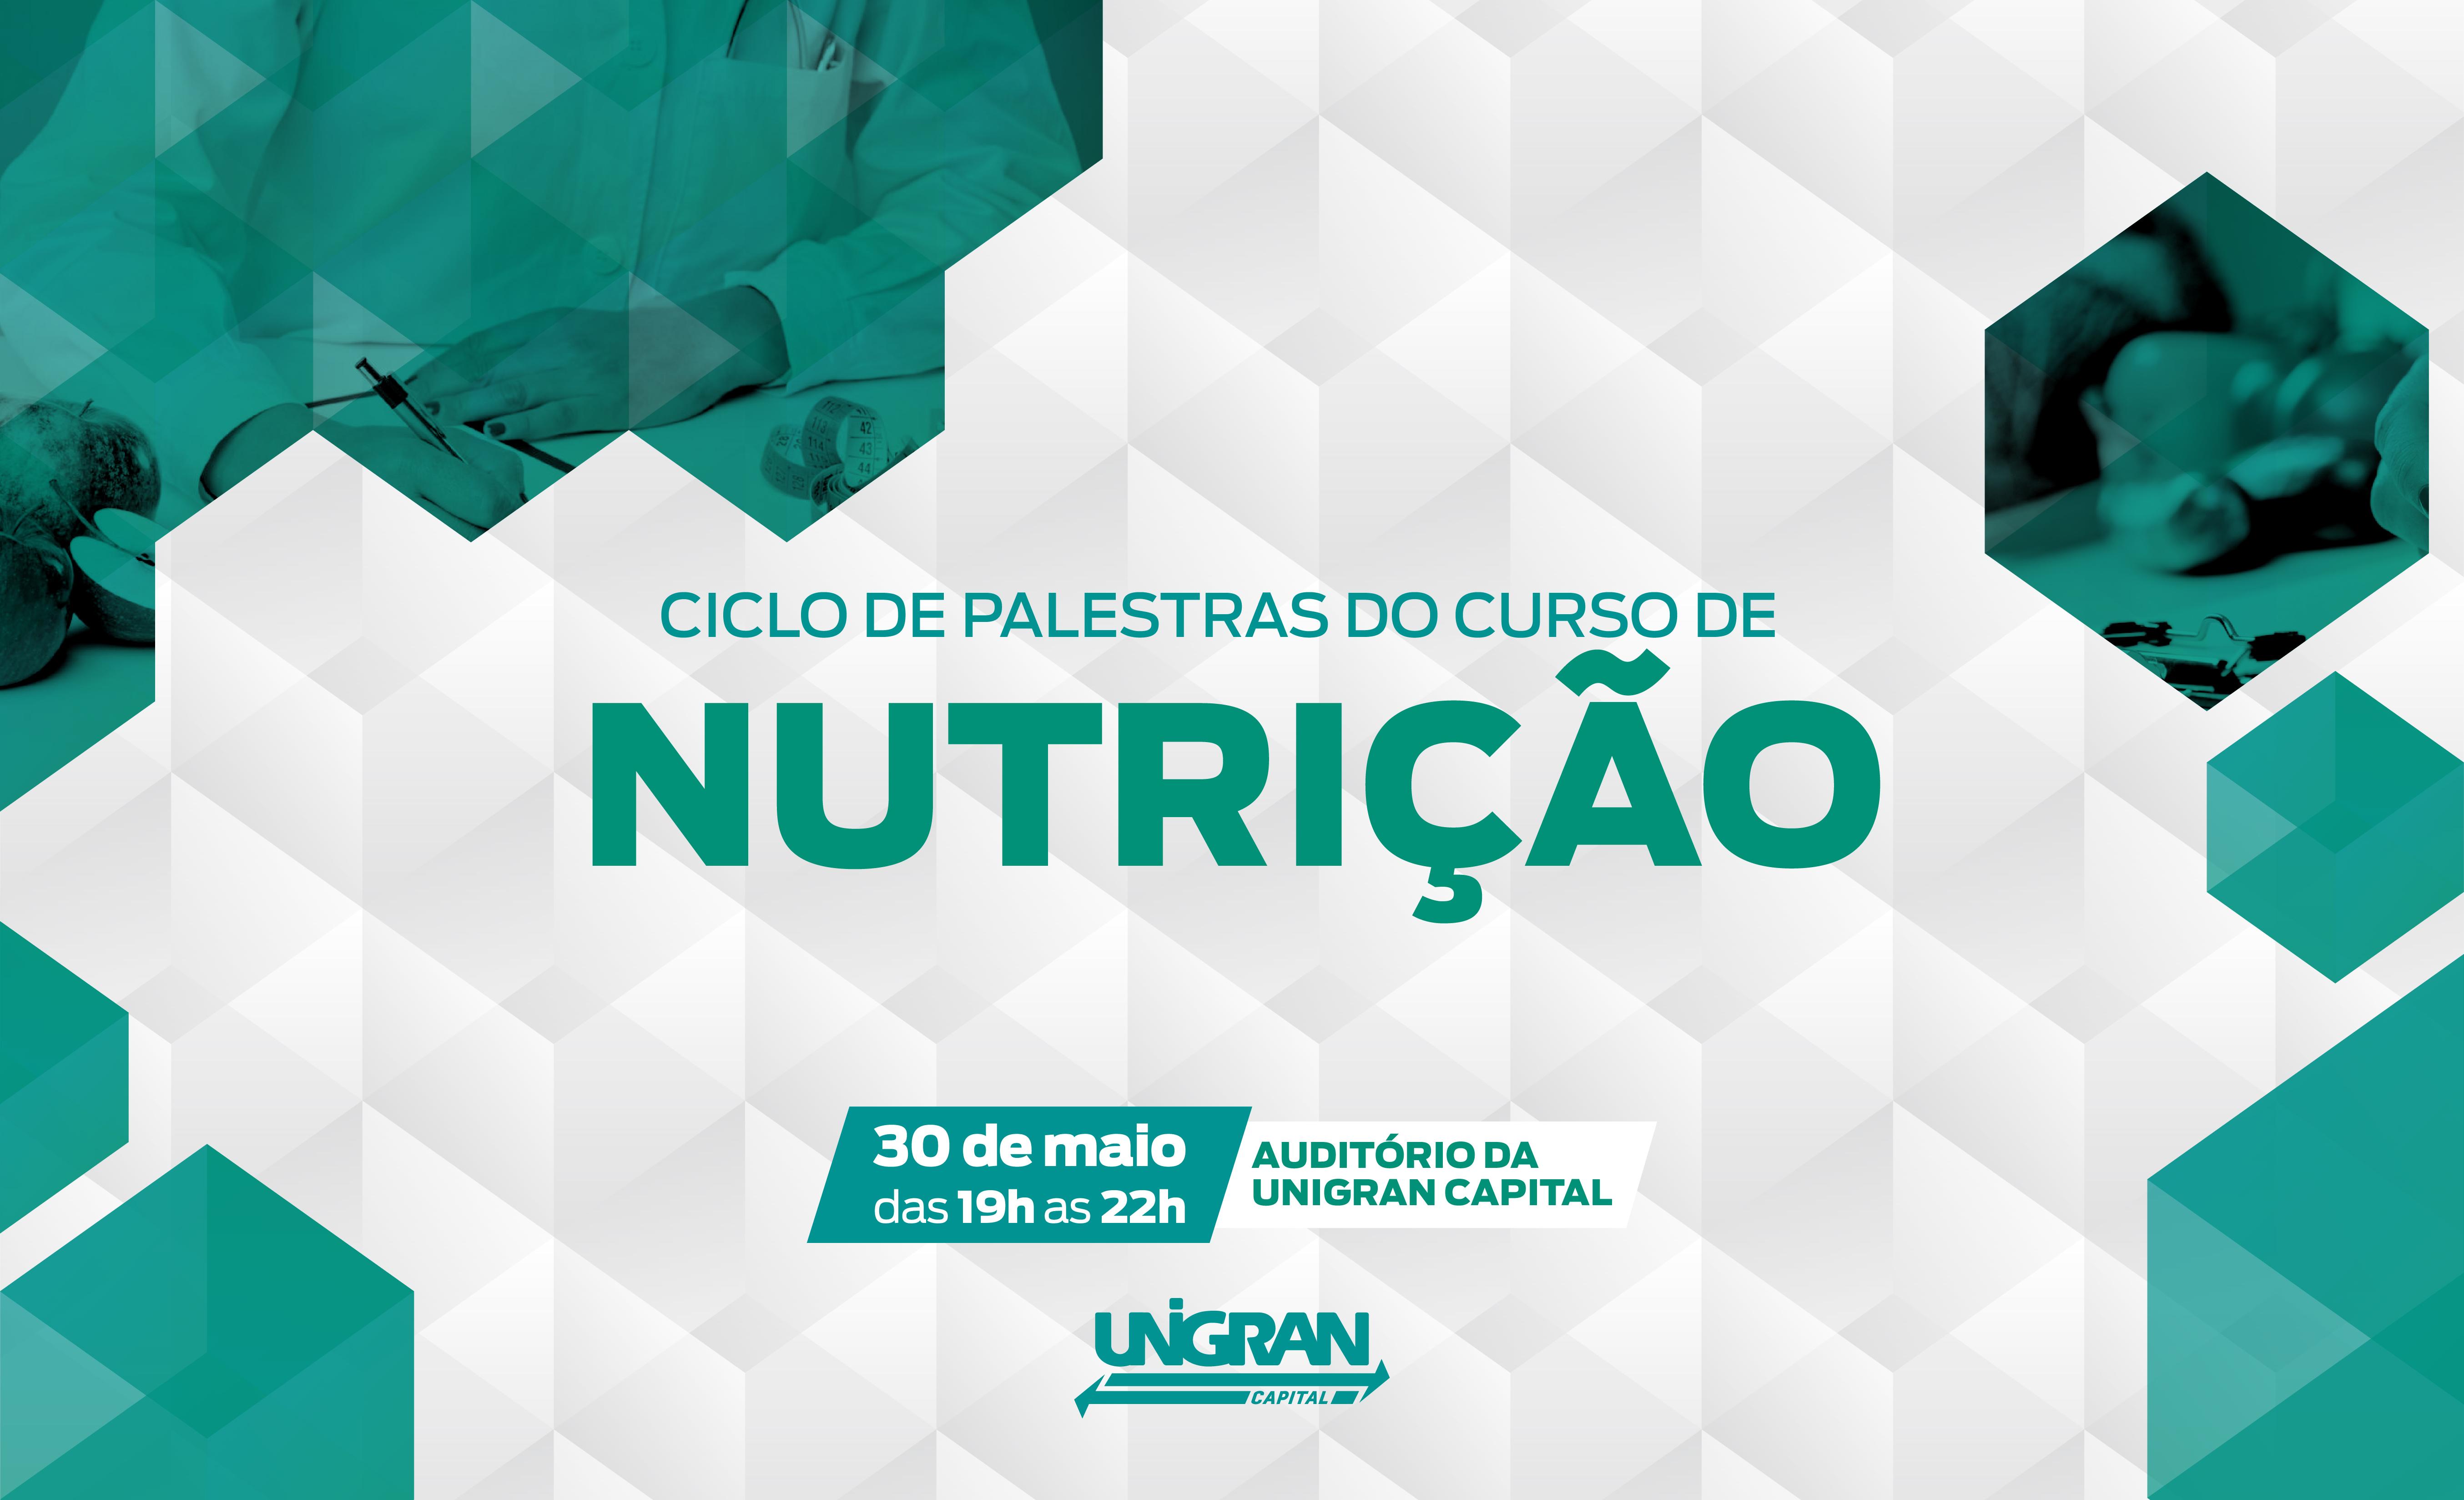 Curso de Nutrição promove ciclos de palestras na área